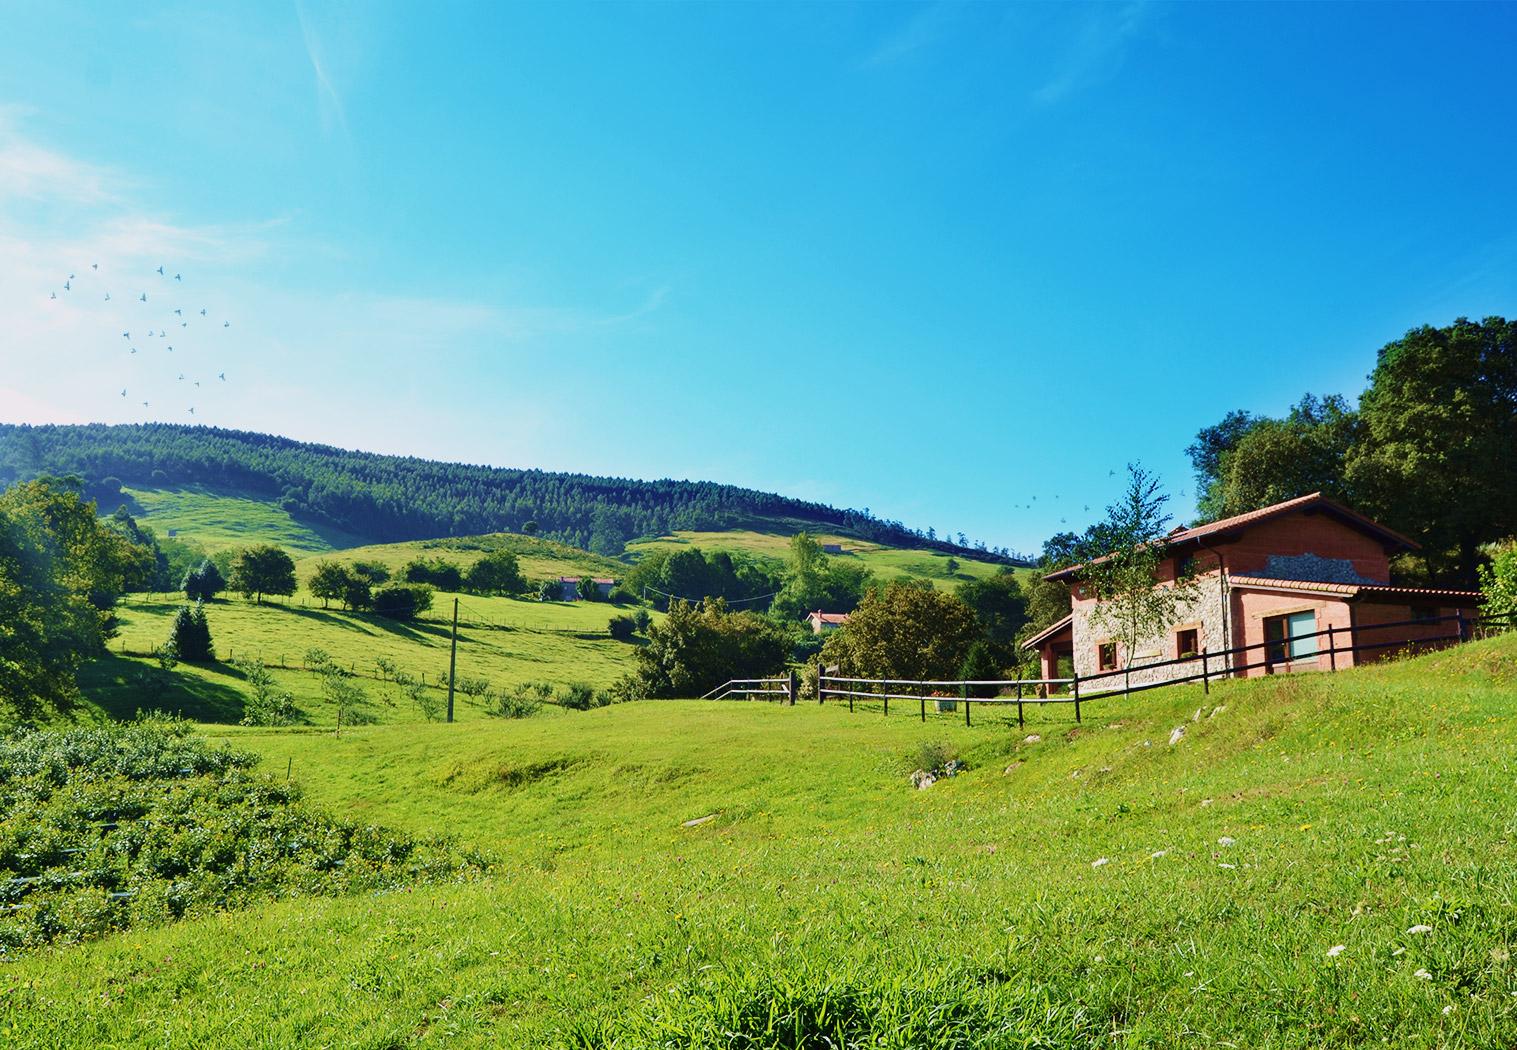 Granja ecológica en el Valle de Machucón